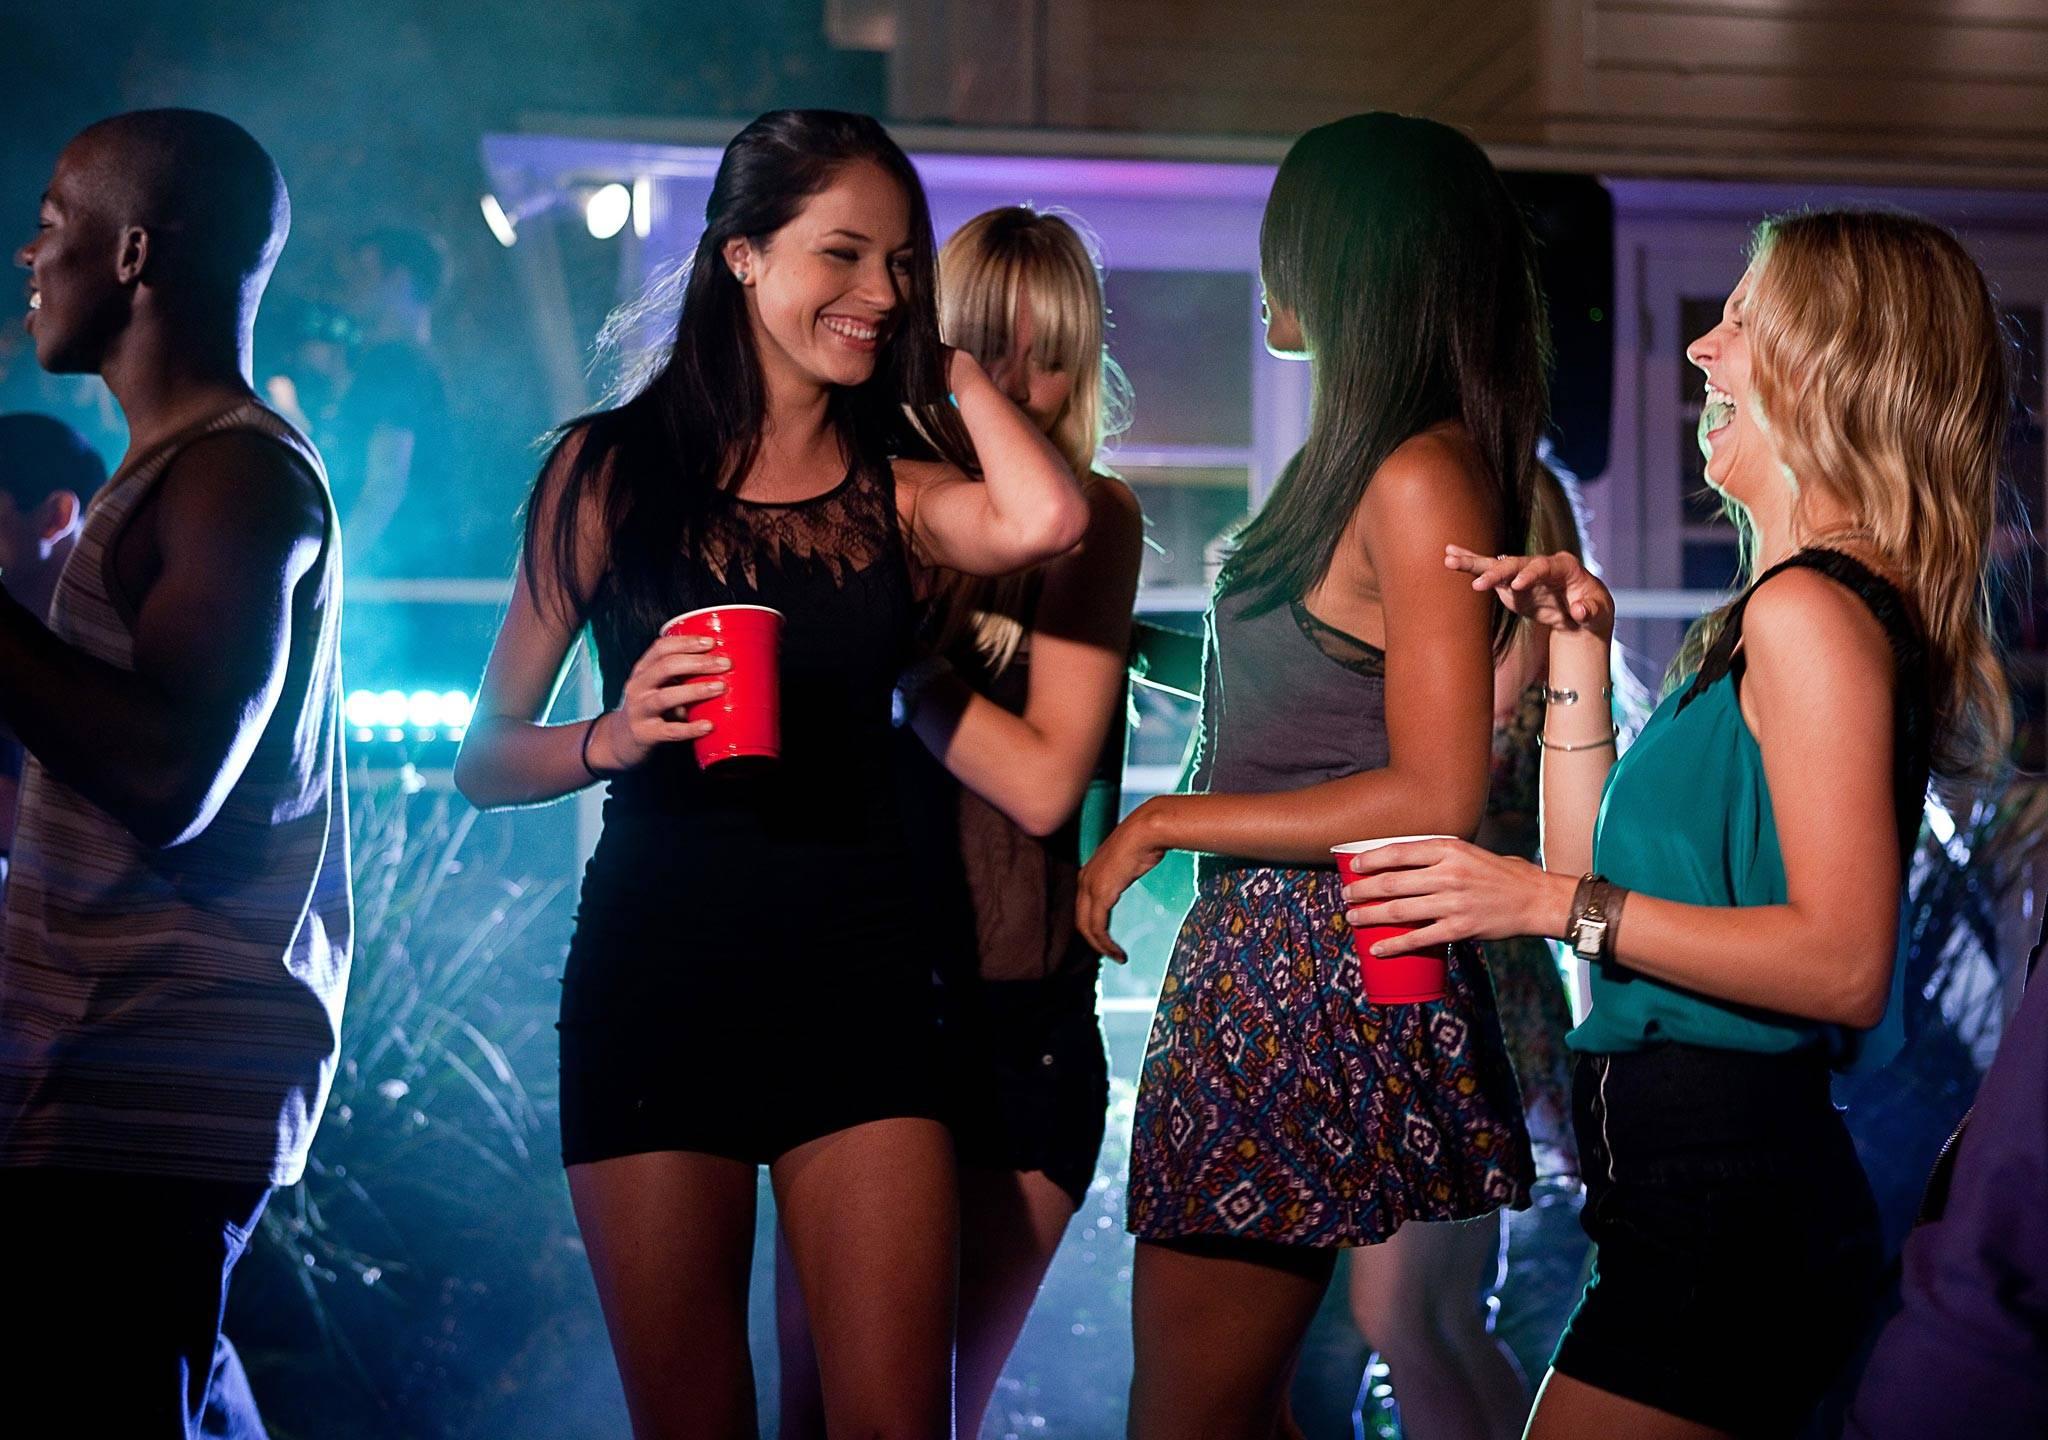 sex in helsinki strip clubs in helsinki